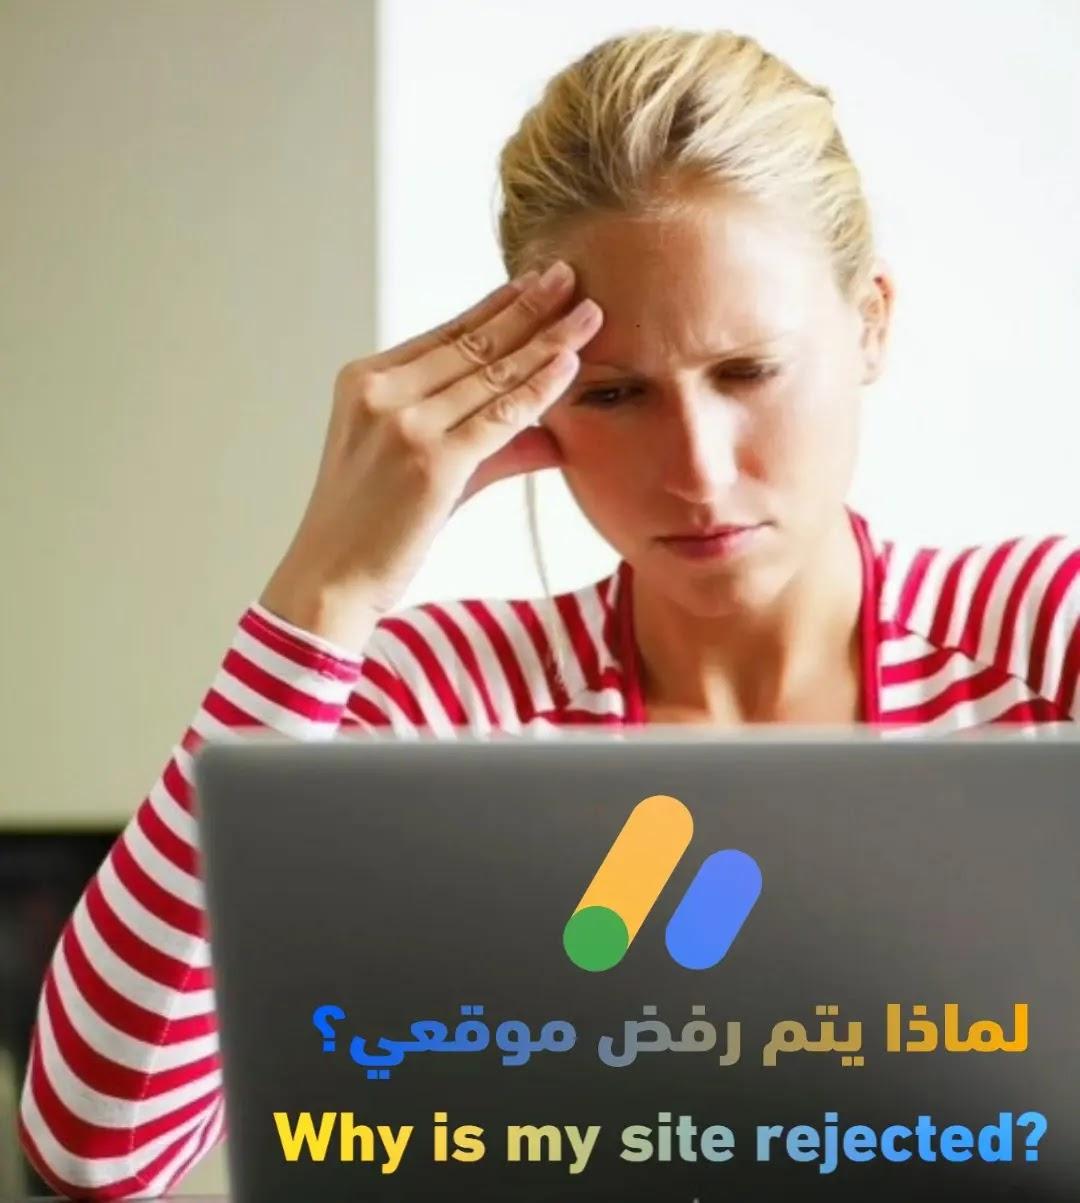 لماذا يرفض Adsense موقعي؟ - فلوس وأموال